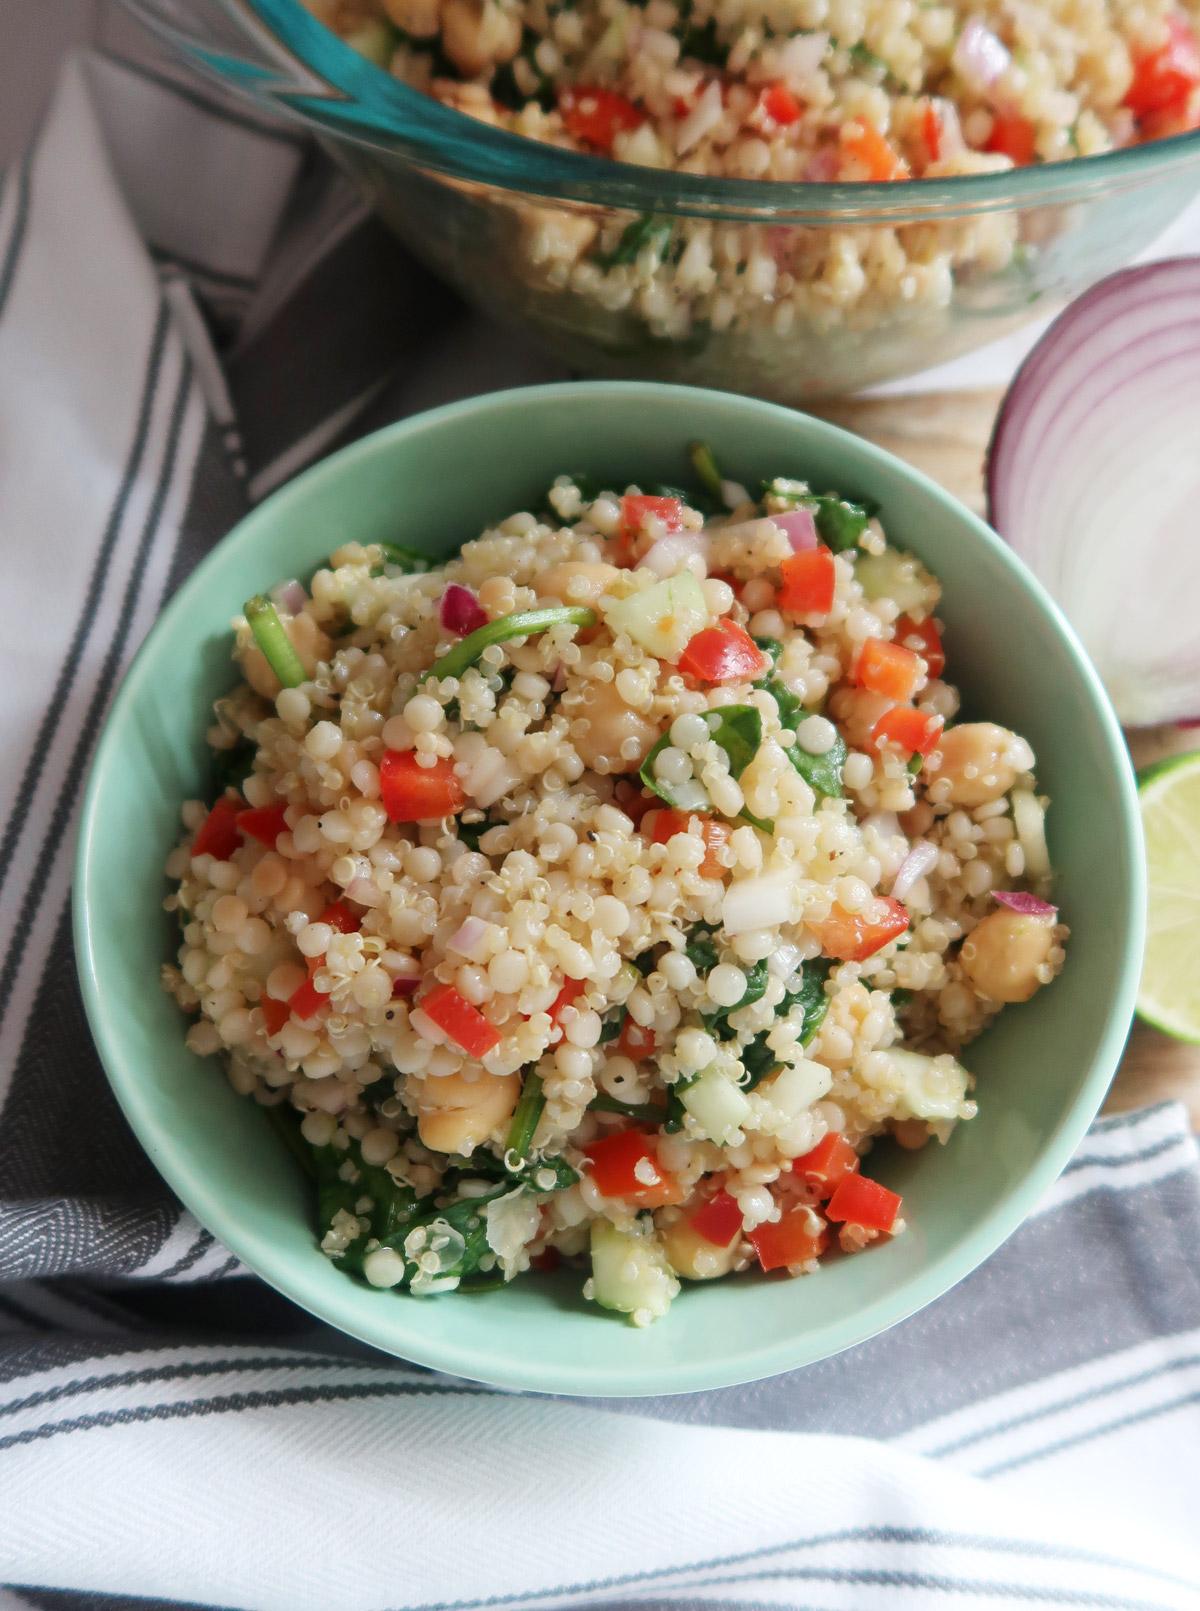 Couscous and Quinoa Salad recipe